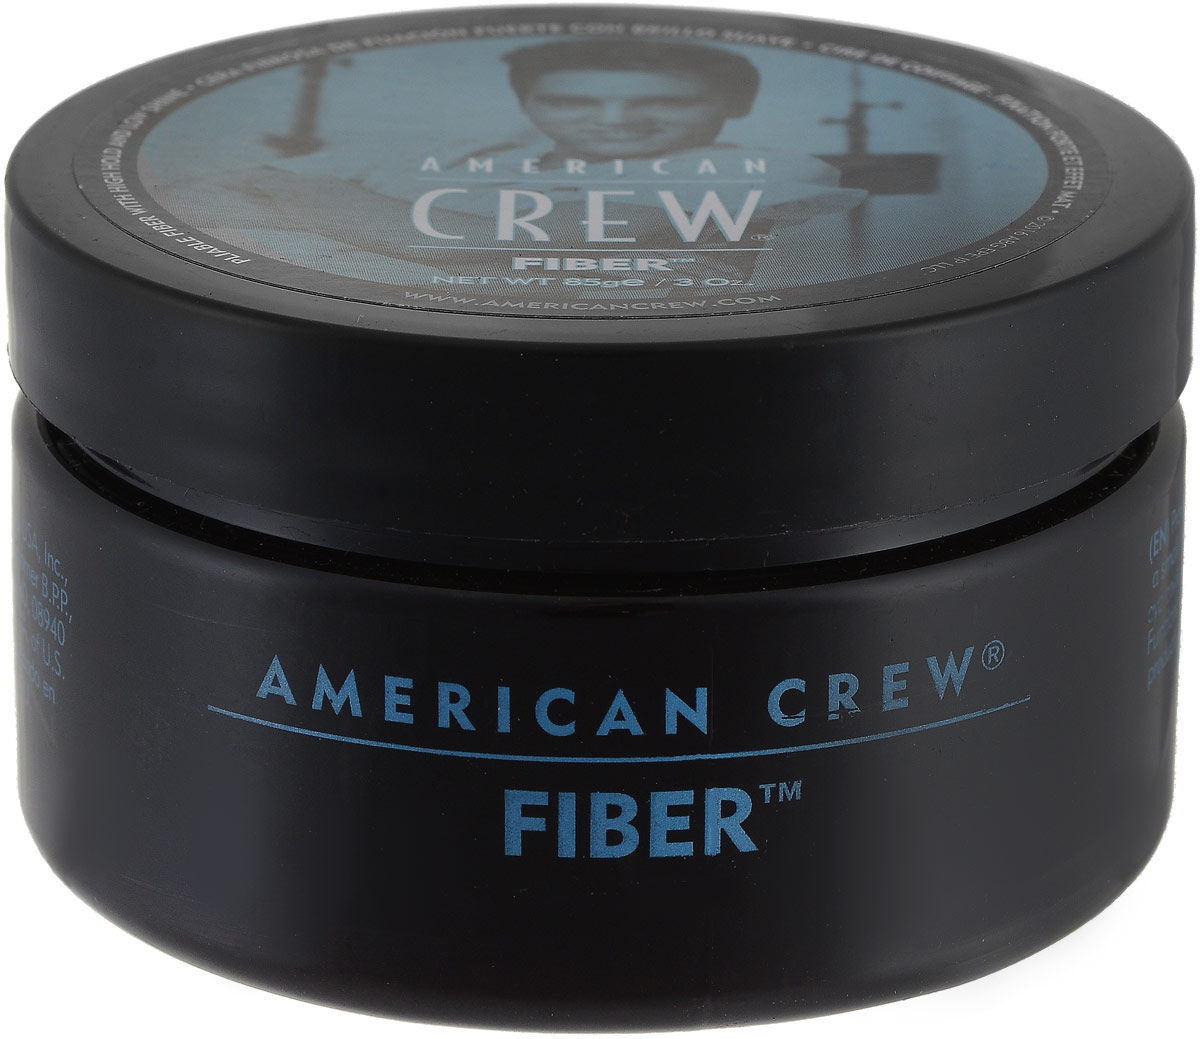 American Crew Паста высокой фиксации с низким уровнем блеска Fiber Gel 85 г10062115American Crew& Fiber Gel паста высокой фиксации с низким уровнем блеска это великолепное средство для стайлинга, которое помогает эффектно увеличить объём волос, уплотнить волосы и придать им текстуру. Гель Американ Крю содержит в составе такие основные ингредиенты, как пчелиный воск (который сохраняет в волосах необходимое количество влаги и предотвращает появление сухости волос), цетил пальмитат (разглаживающее и смягчающее средство), ланолин (средство для необходимого увлажнения волос) и цетеарет-20 (средство для получения эффекта кондиционирования). Продукт отлично подходит также для волос короткой длины (от 3 до 8 сантиметров), имеет удобную для применения волокнистую структуру и обеспечивает гибкую фиксацию волос с красивым матовым оттенком. Гель American Crew Fiber Gel великолепно подходит и для укладки усов.